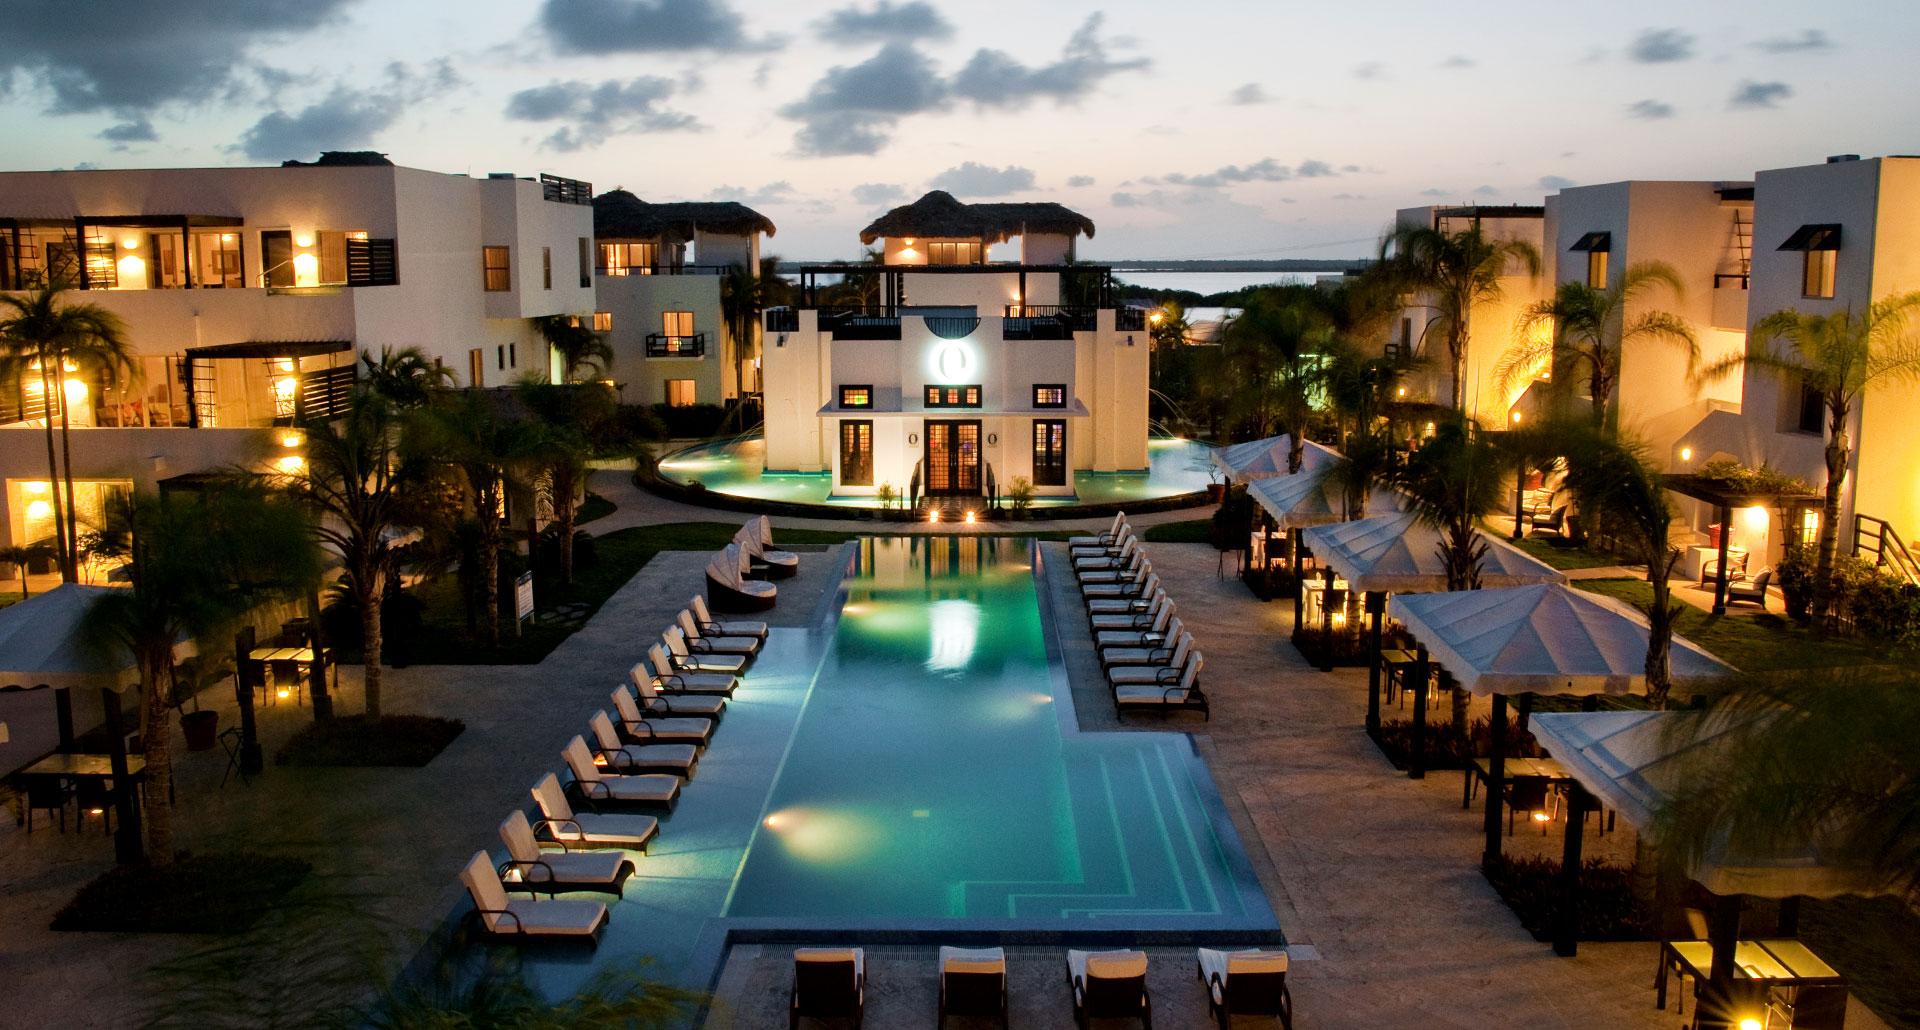 Las Terrazas - boutique hotel in Ambergris Caye